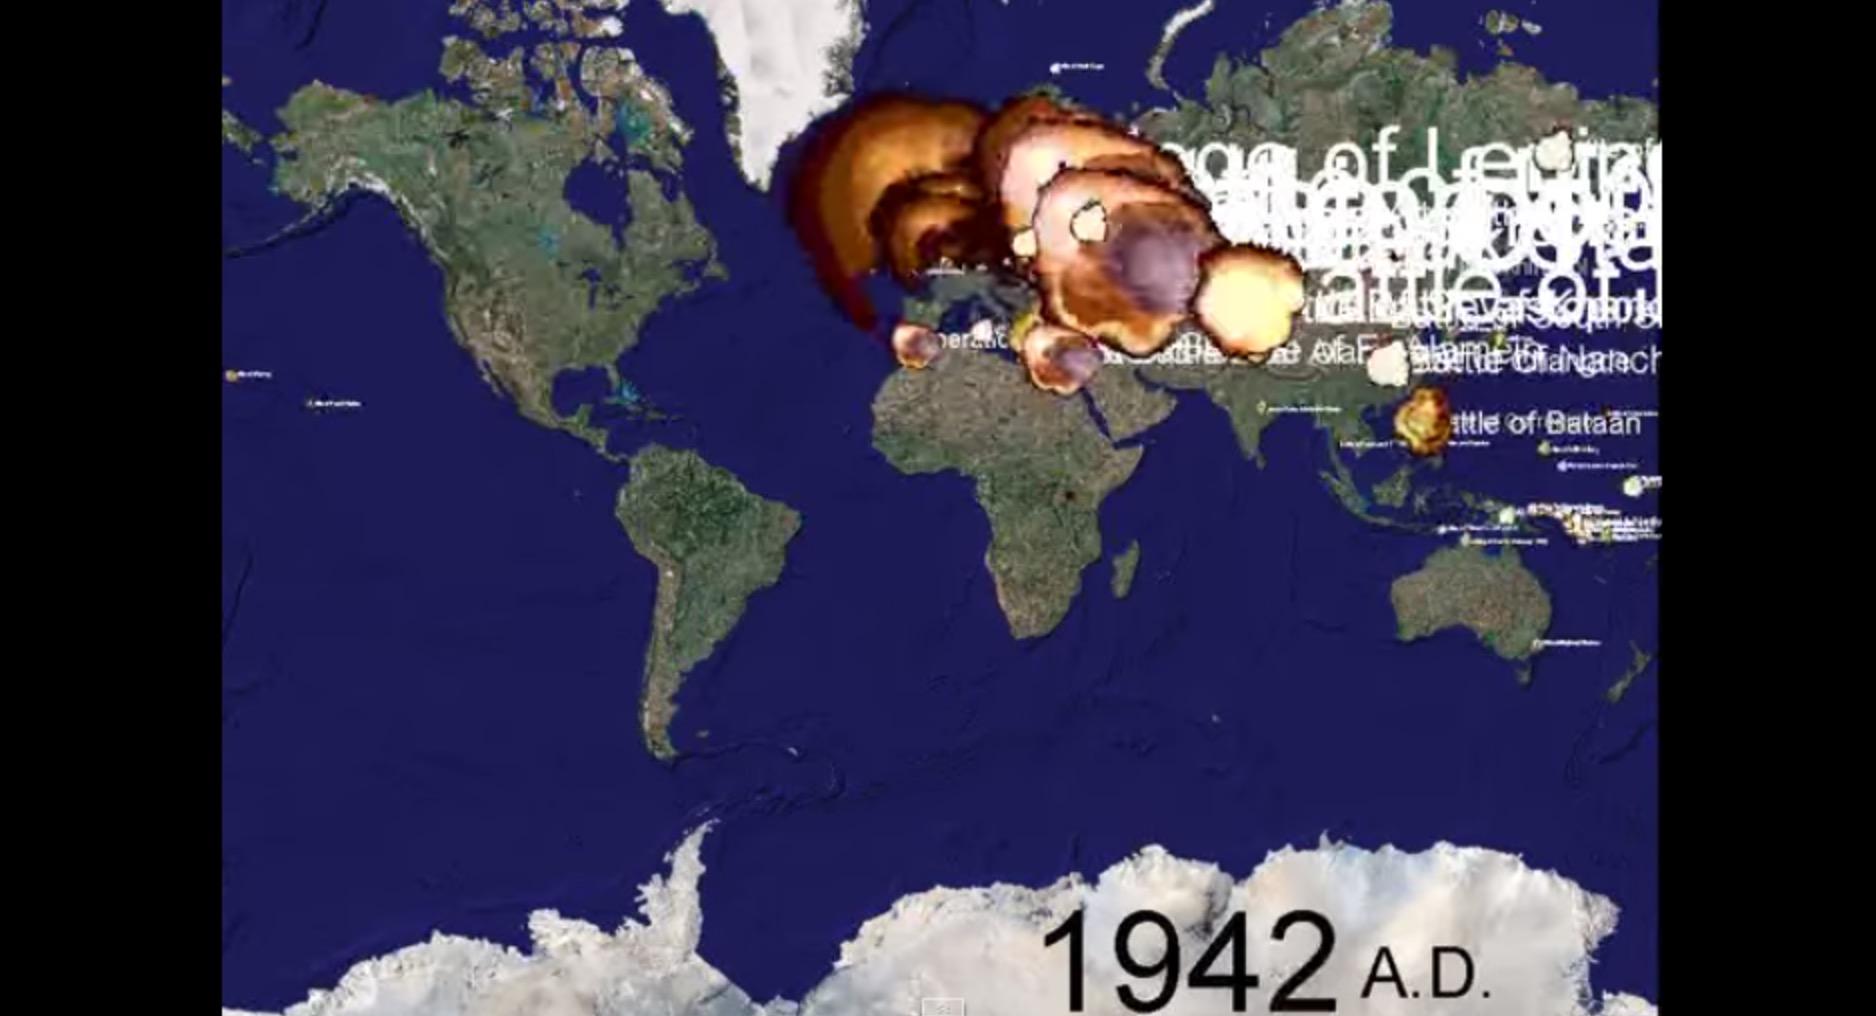 過去1000年で起きた世界中の戦争を5分の映像で可視化!終戦間際は特にヒドい